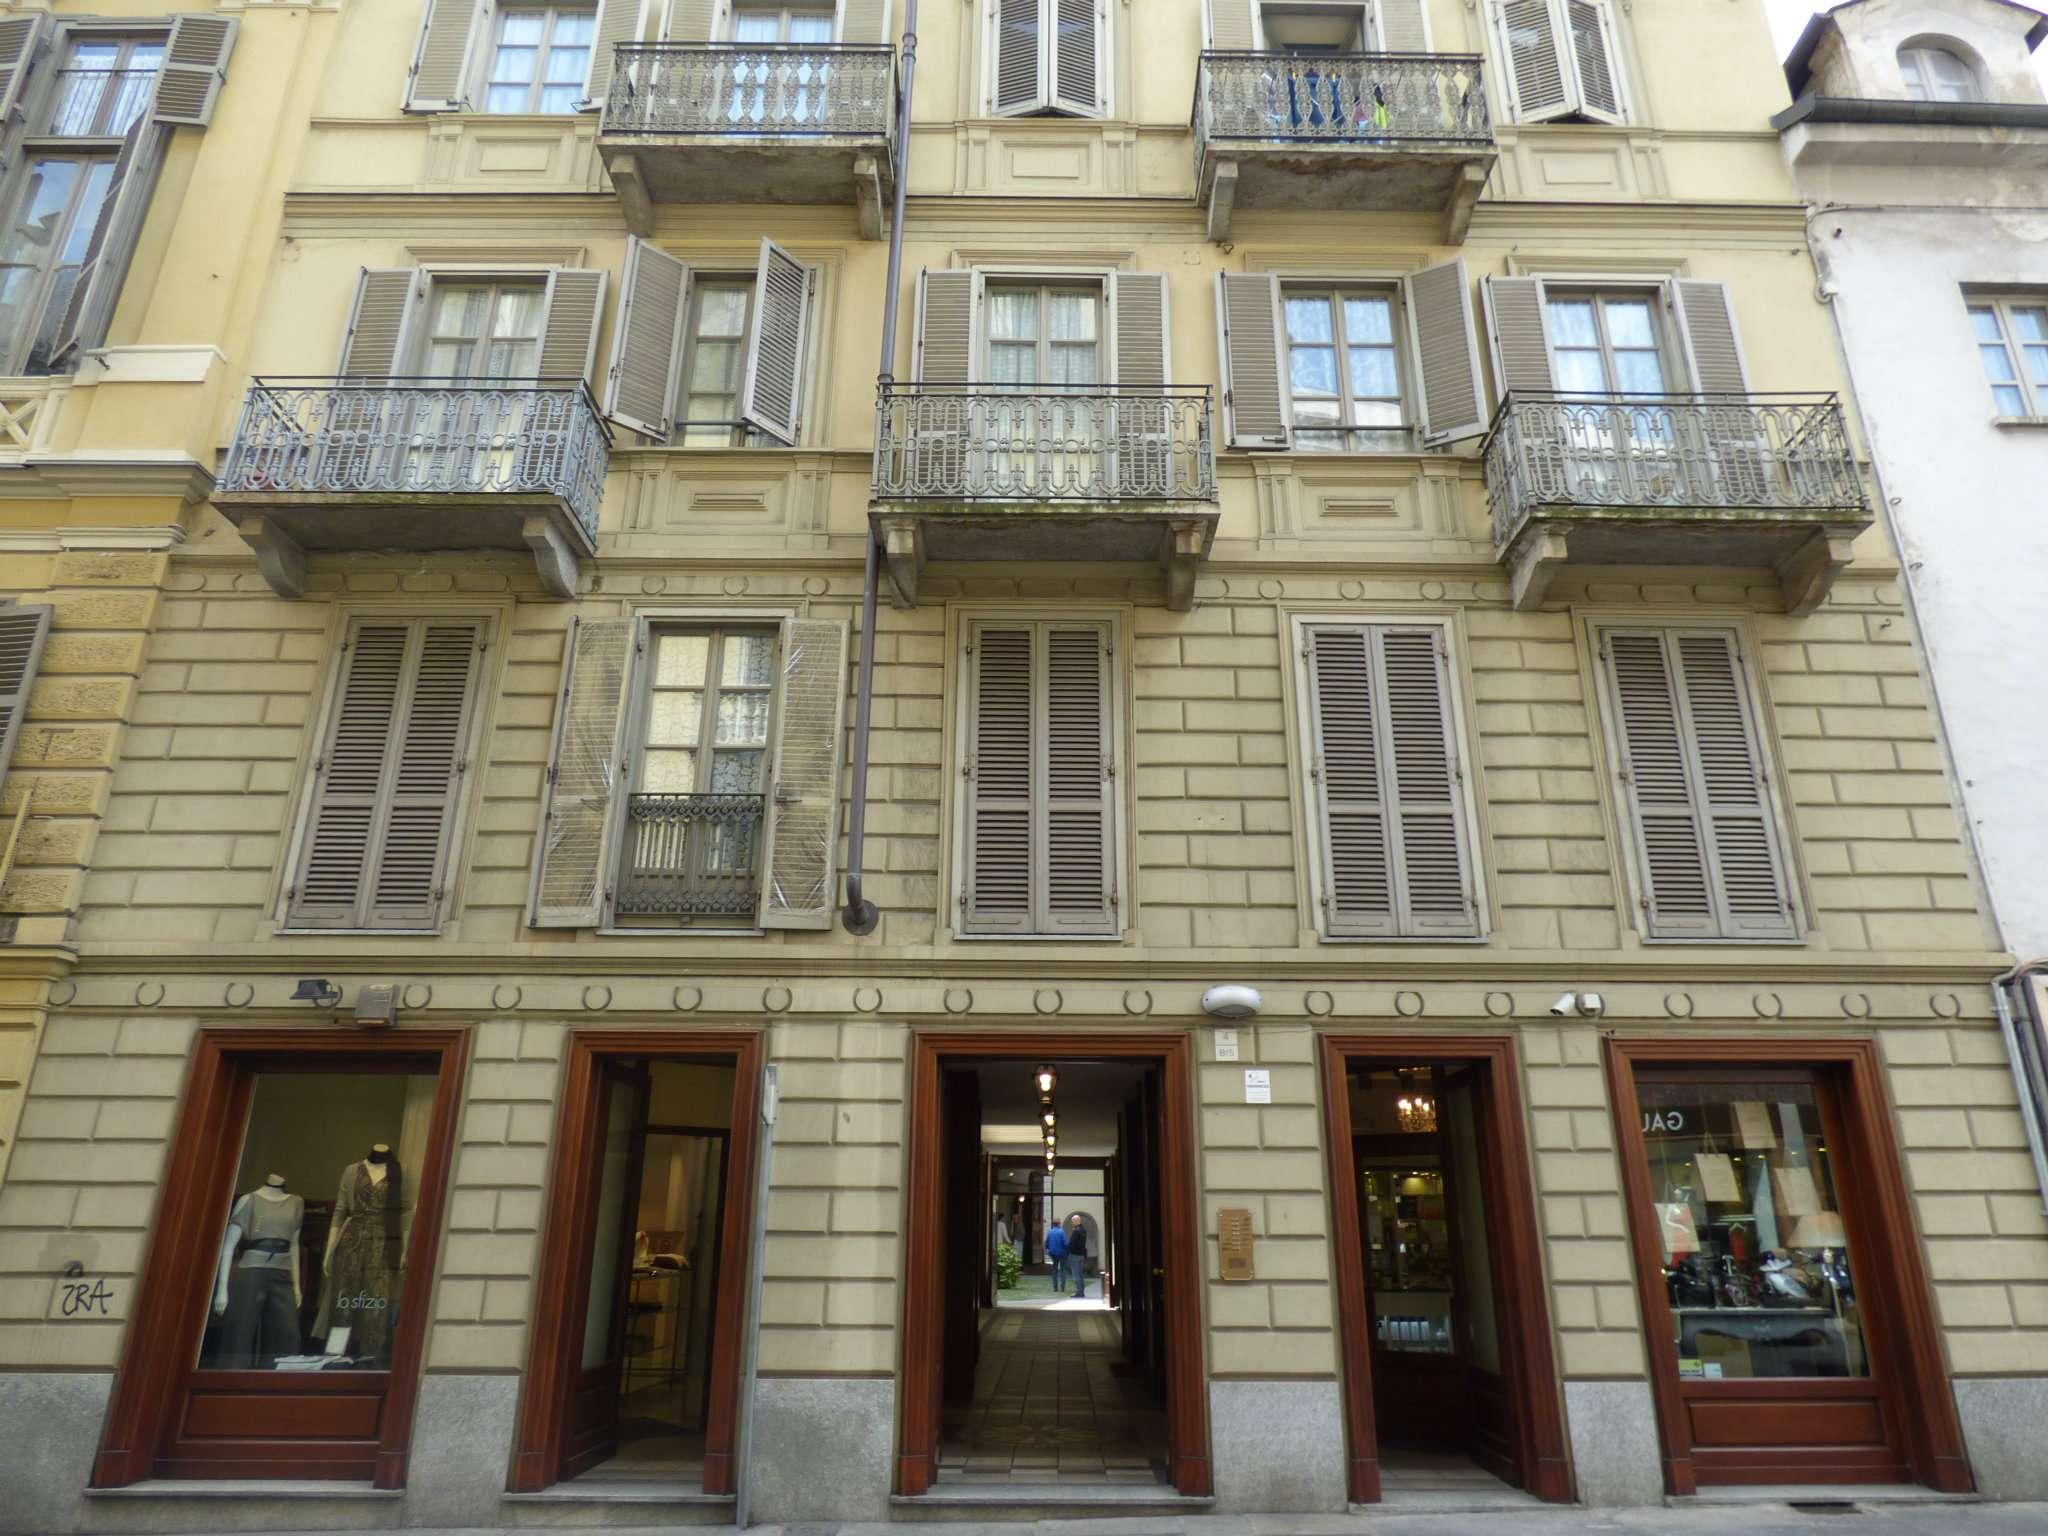 Negozio / Locale in affitto a Torino, 2 locali, zona Zona: 1 . Centro, Quadrilatero Romano, Repubblica, Giardini Reali, prezzo € 1.050 | CambioCasa.it